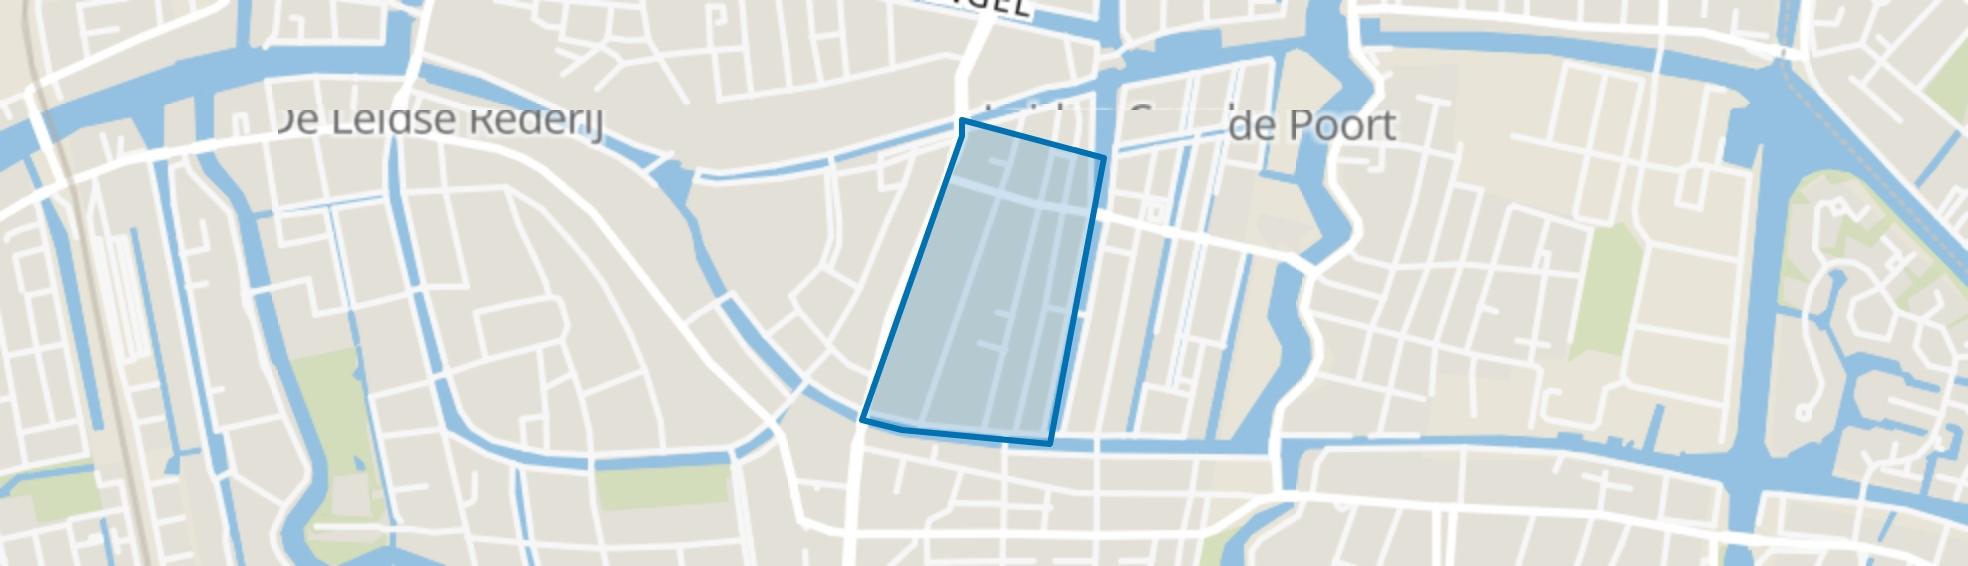 Pancras-Oost, Leiden map